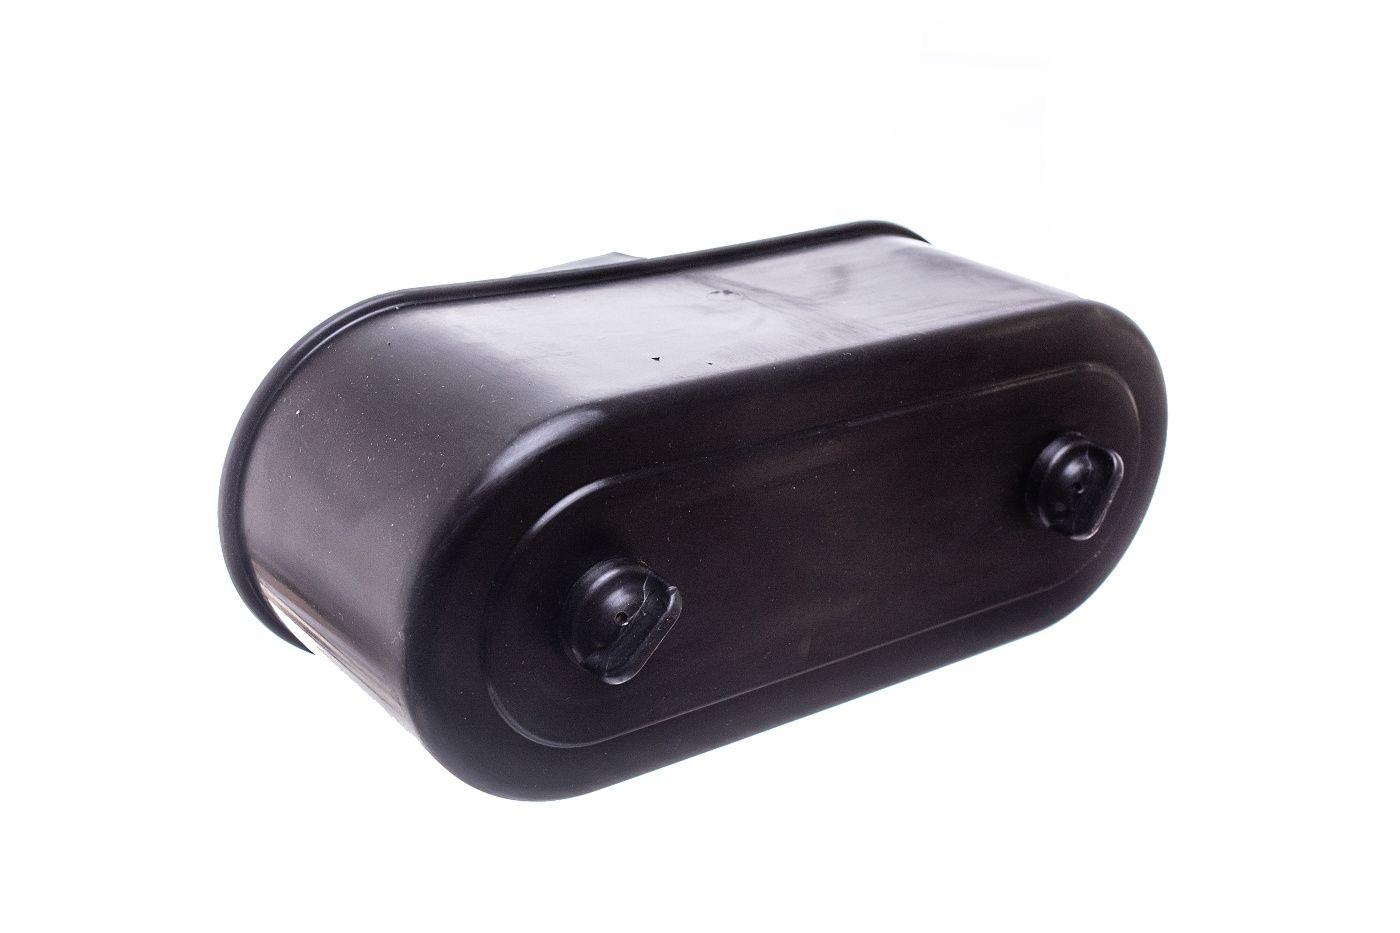 Vzduchový filtr KOMPLETNÍ včetně vložky NAC DY164PMB